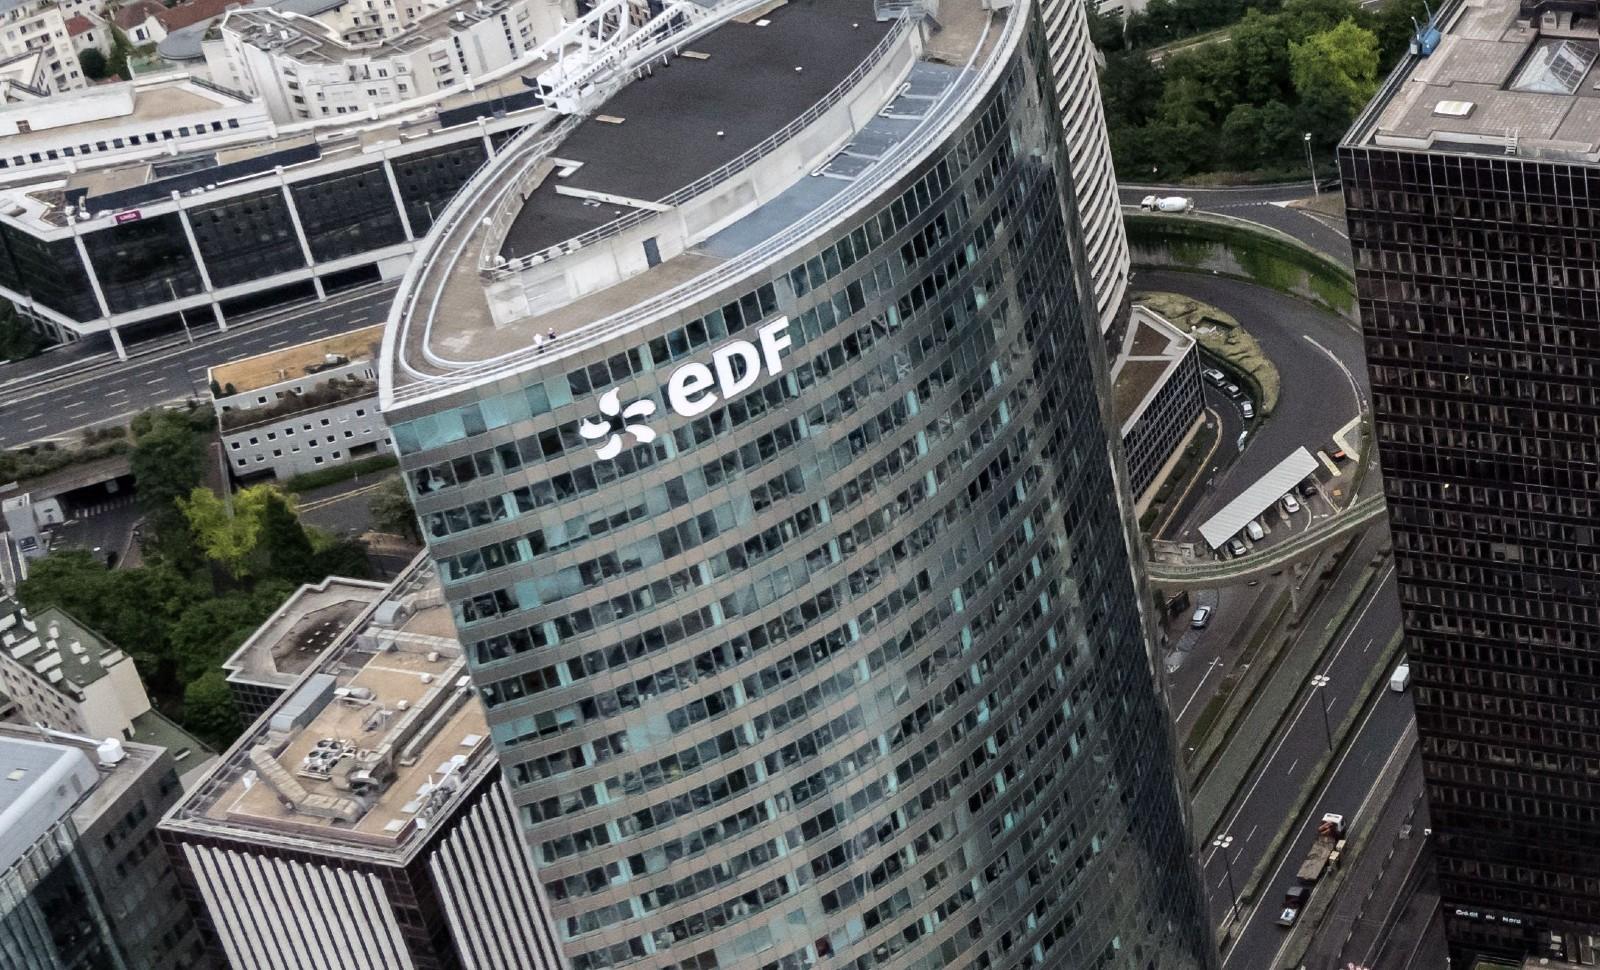 La Tour EDF (PB6) dans le quartier de la Défense, dans l'ouest parisien © MARIO FOURMU/SIPA Numéro de reportage : 00917792_000002